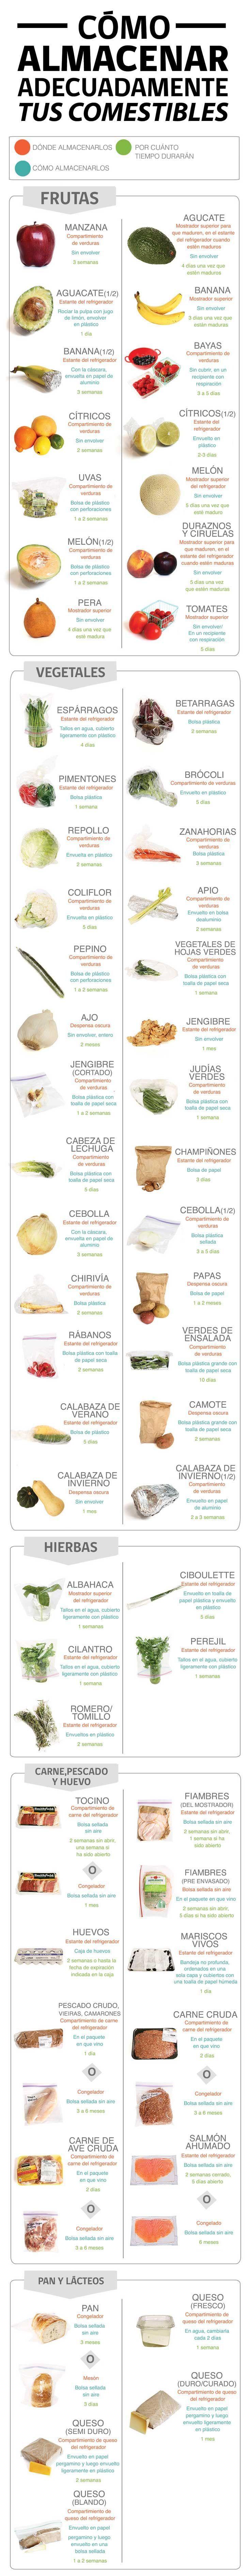 El almacenamiento de alimentos en casa. #alimentos #infografia #conservación | https://lomejordelaweb.es/